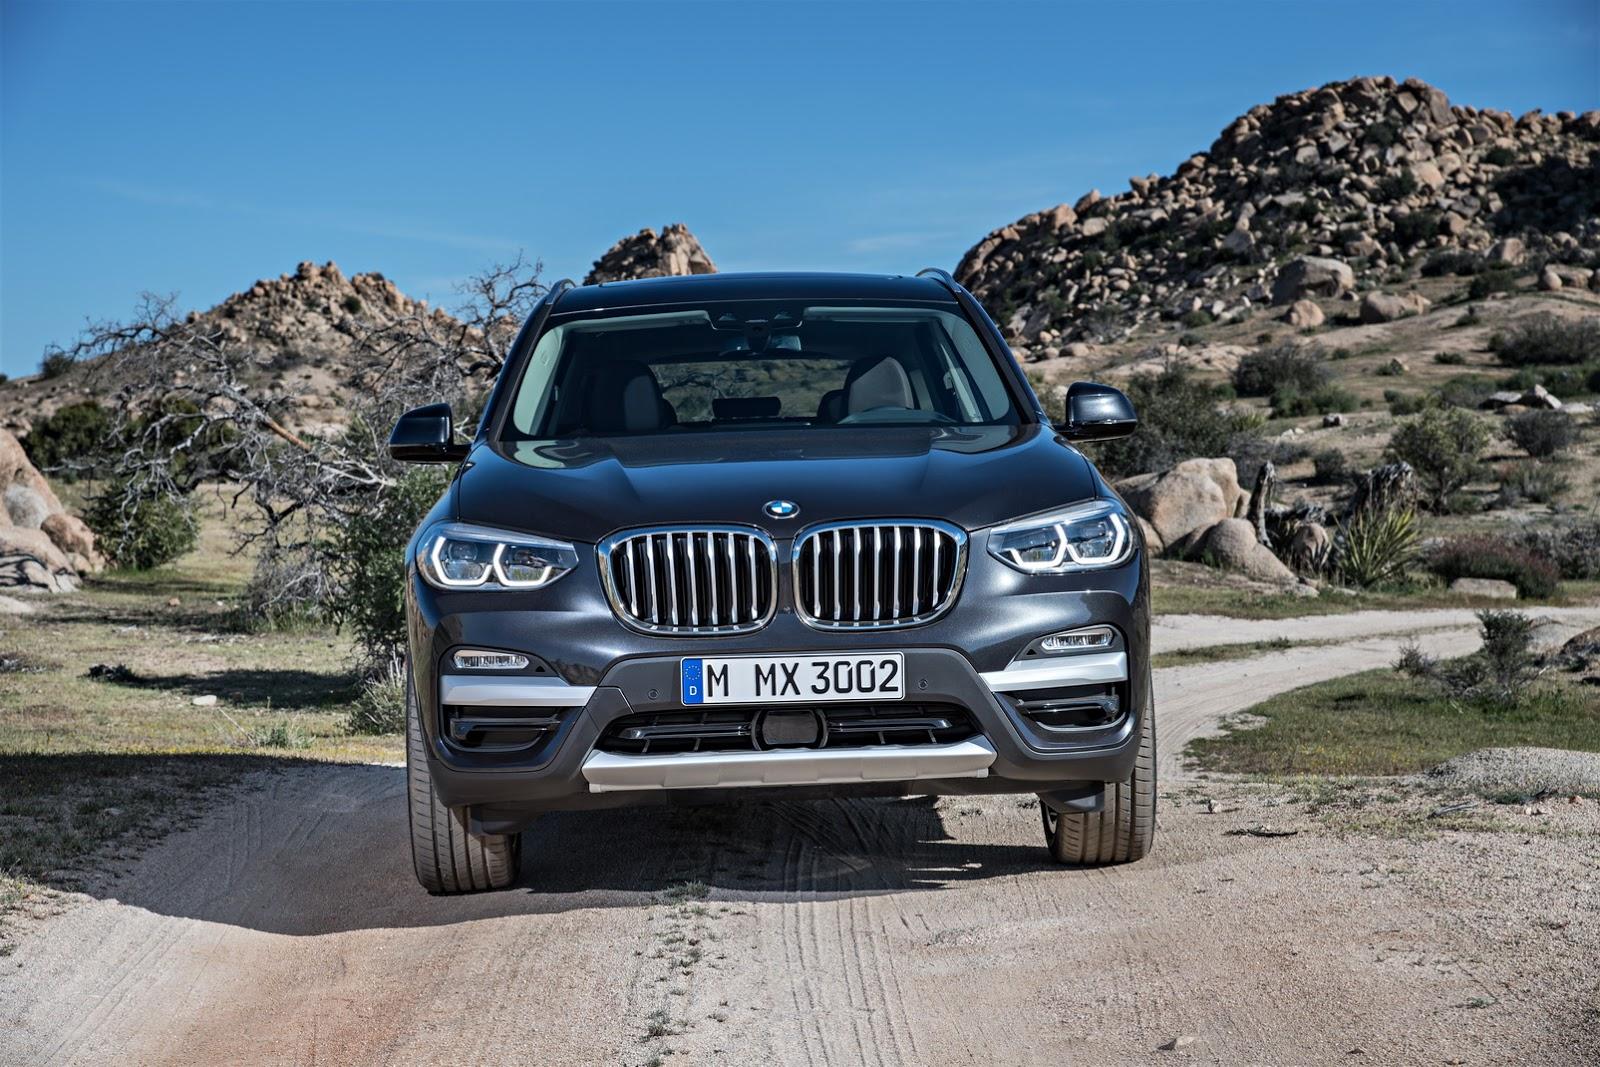 BMW X3 2018 (107)